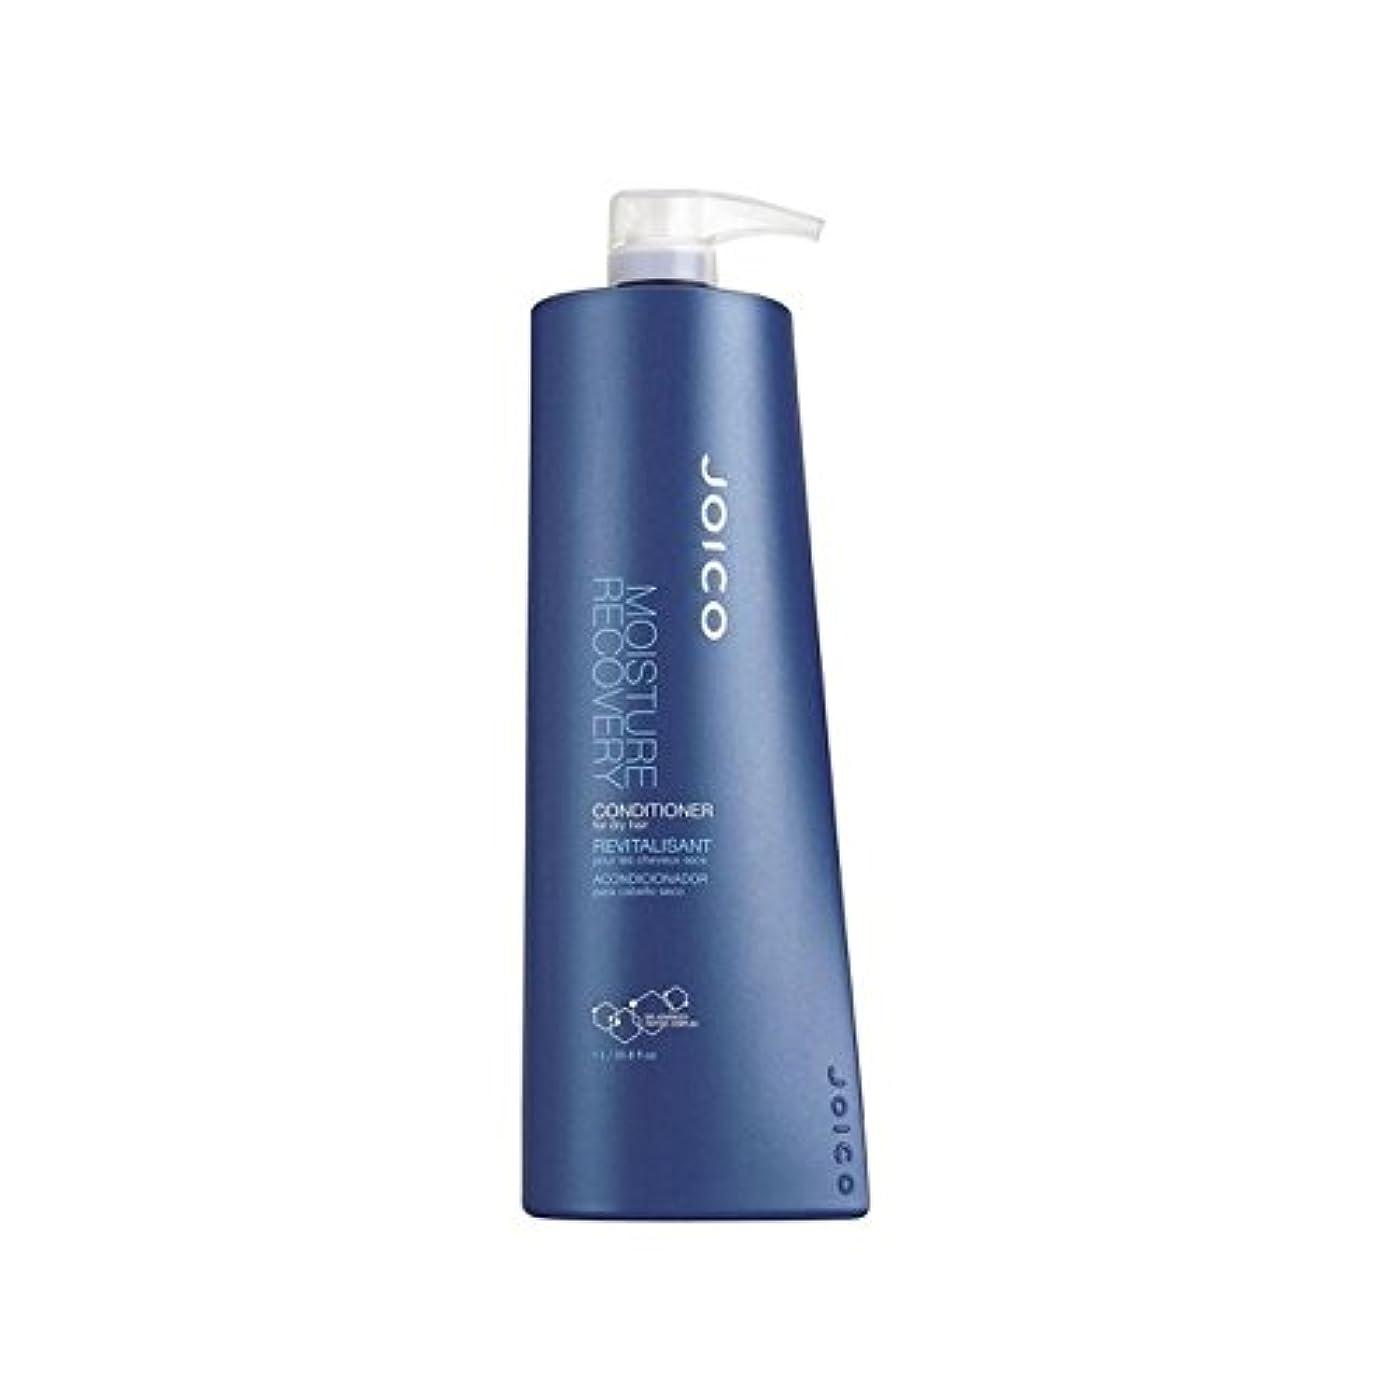 登録する指導する供給Joico Moisture Recovery Conditioner For Dry Hair (1000ml) - 乾いた髪用ジョイコ水分回復コンディショナー(千ミリリットル) [並行輸入品]